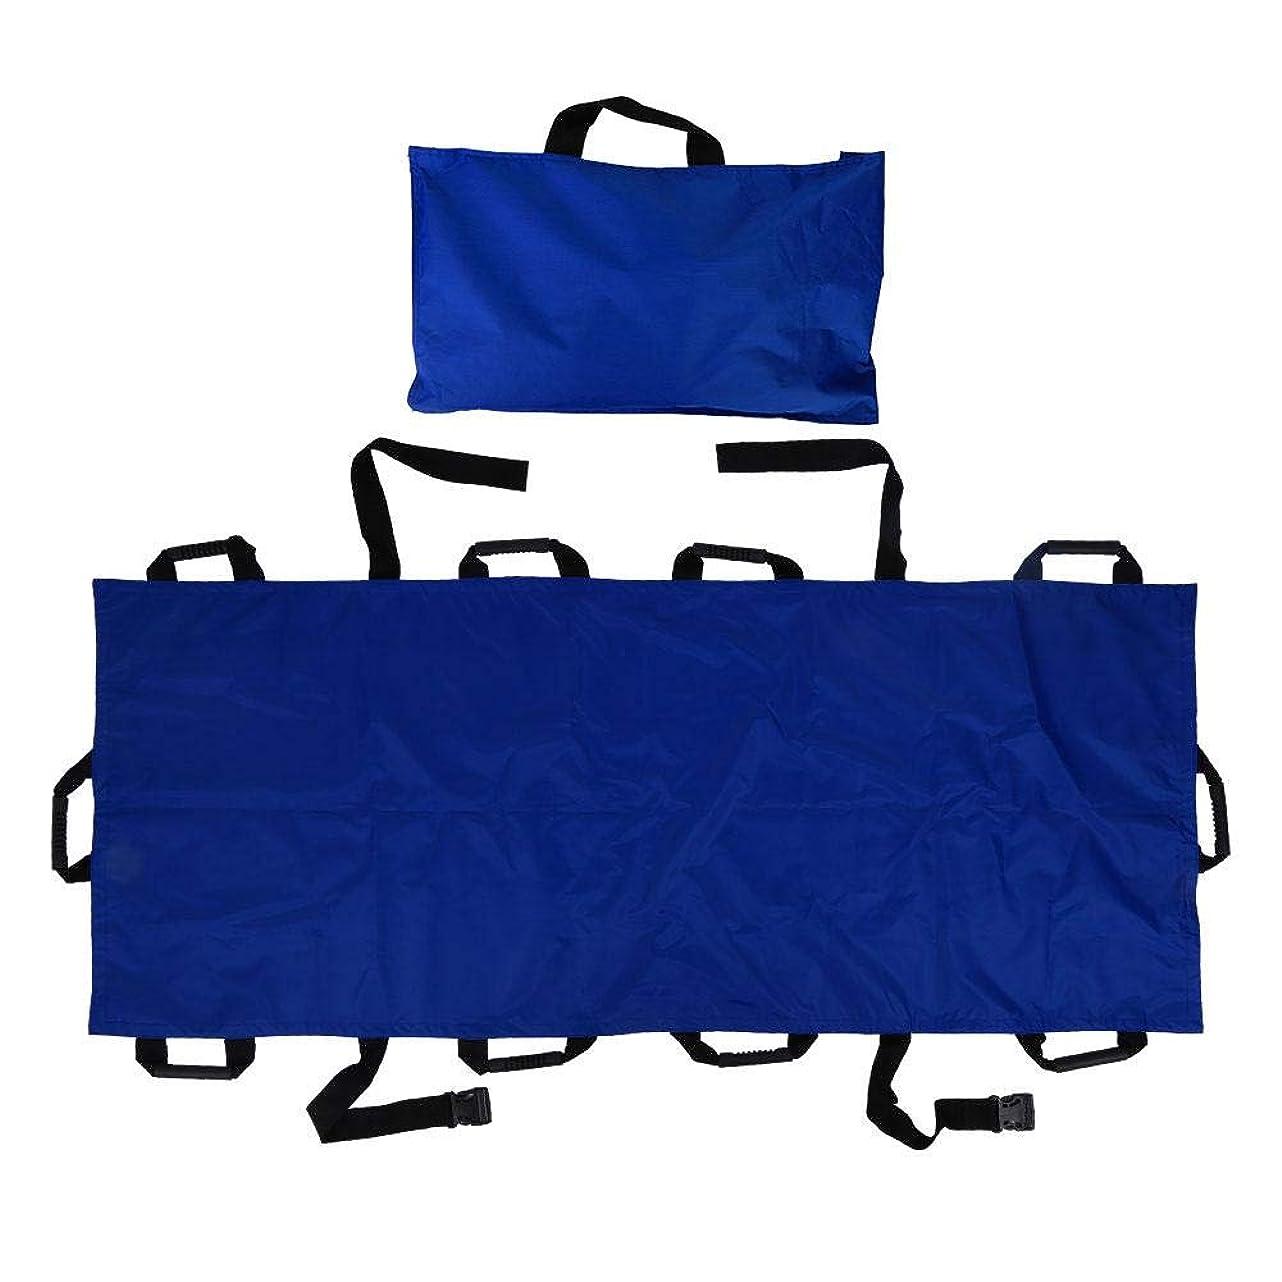 賞入力地獄家庭用ストレッチャー、ポータブル10ハンドルオックスフォード布折りたたみ式患者輸送ソフトストレッチャー